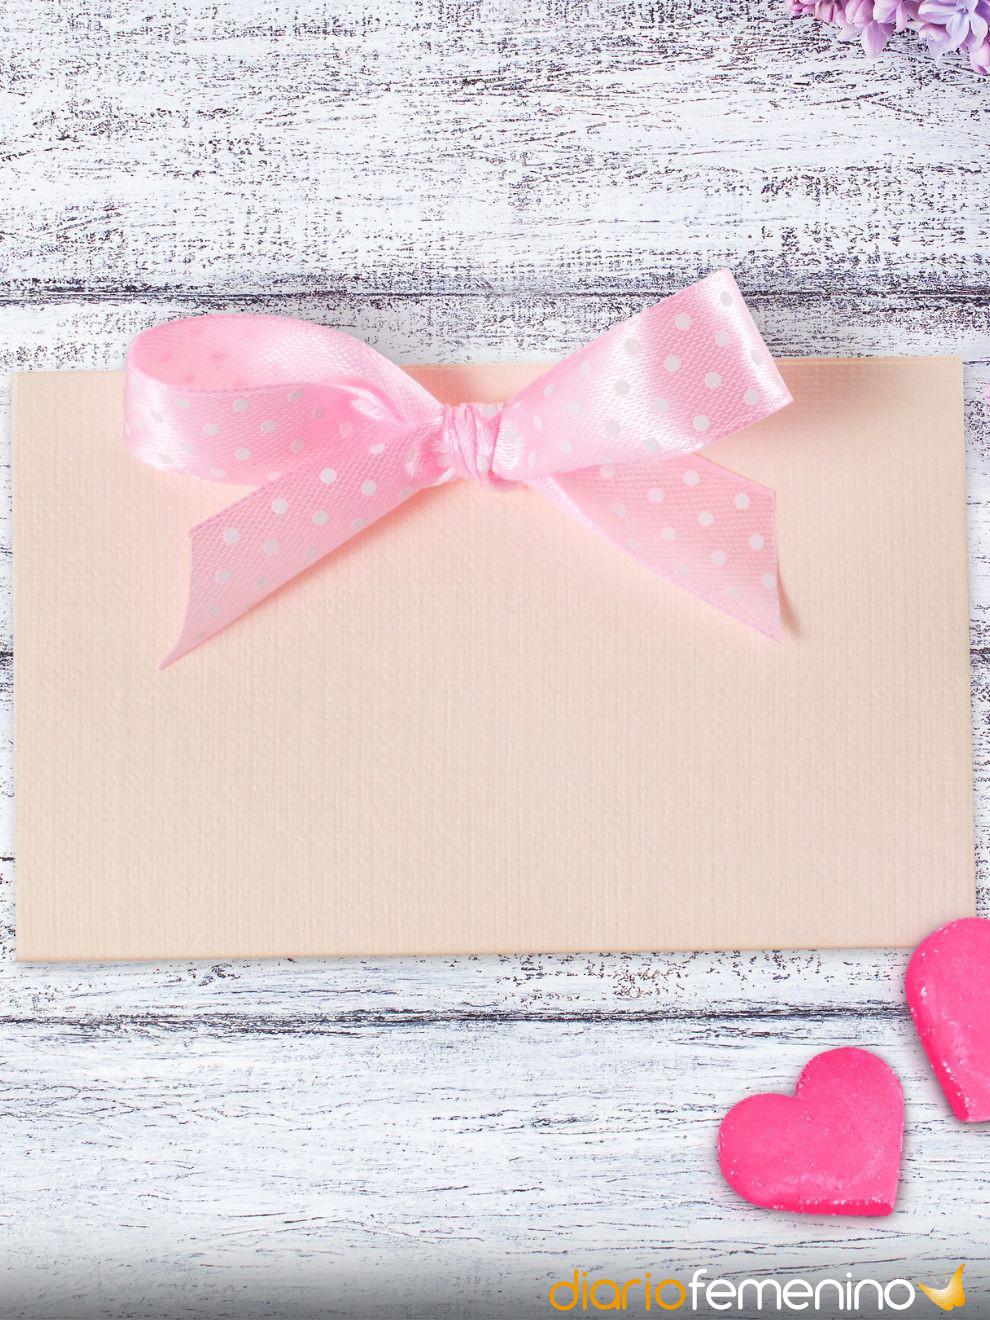 Carta de amor cursi y romántica: rosa y con lazo